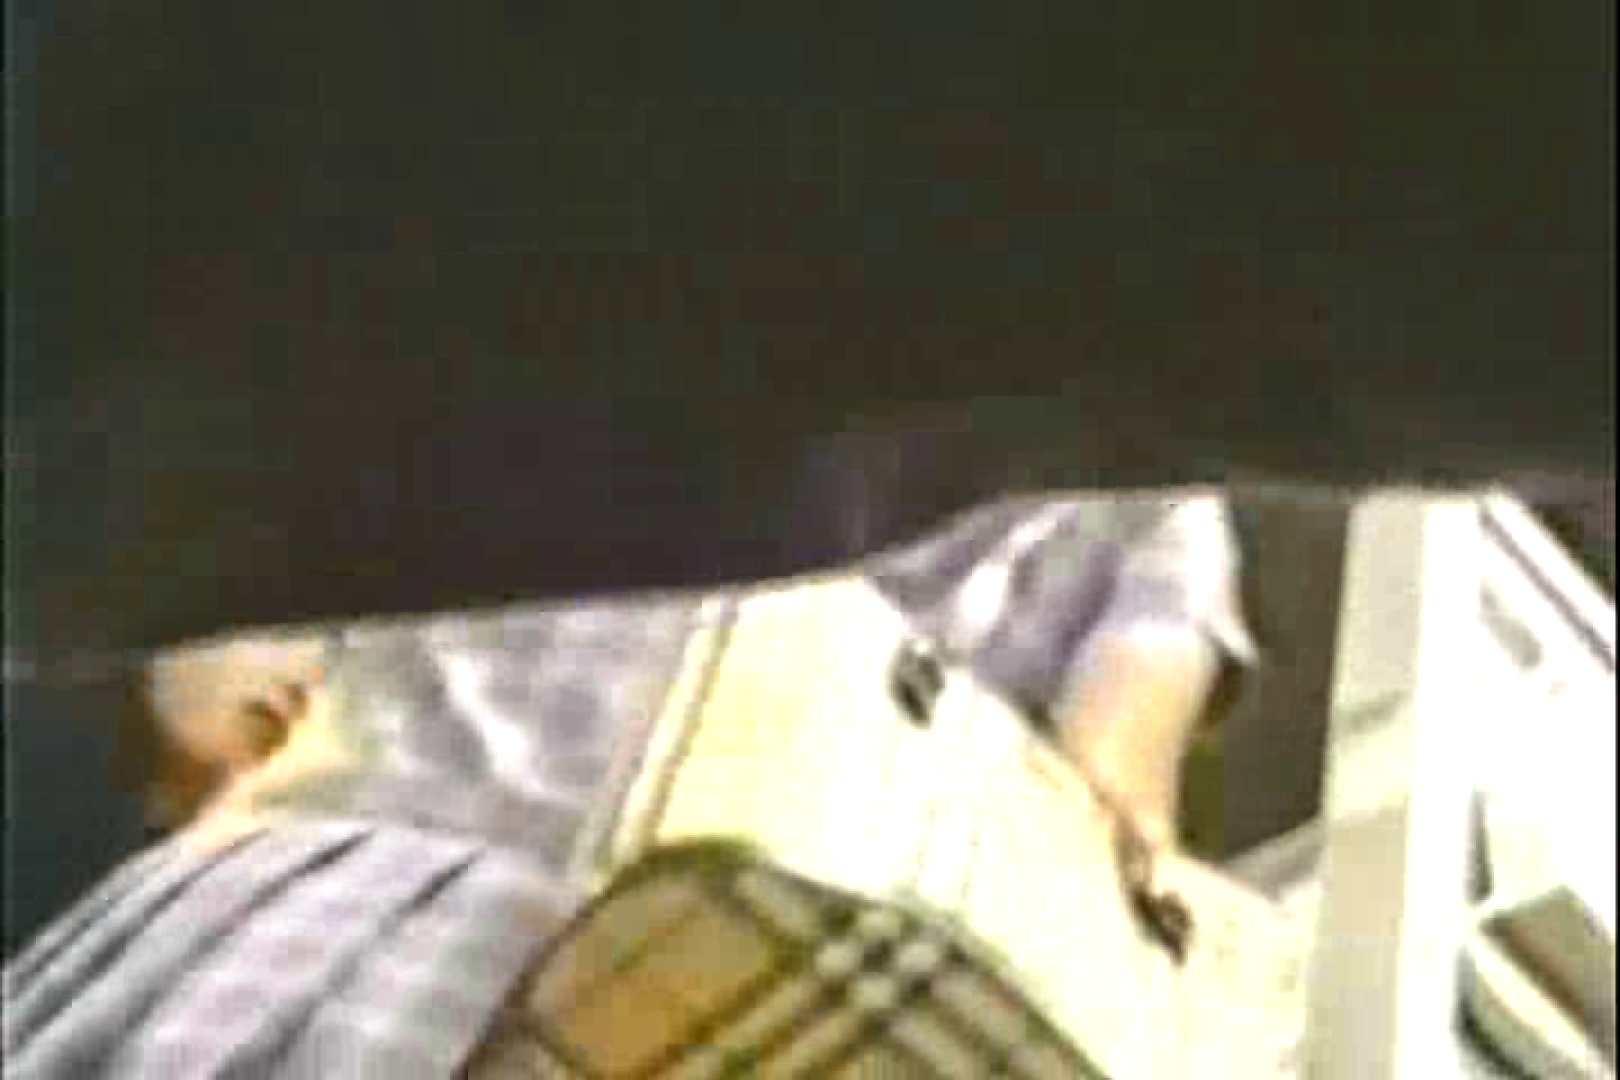 「ちくりん」さんのオリジナル未編集パンチラVol.3_02 エロティックなOL SEX無修正画像 87画像 2